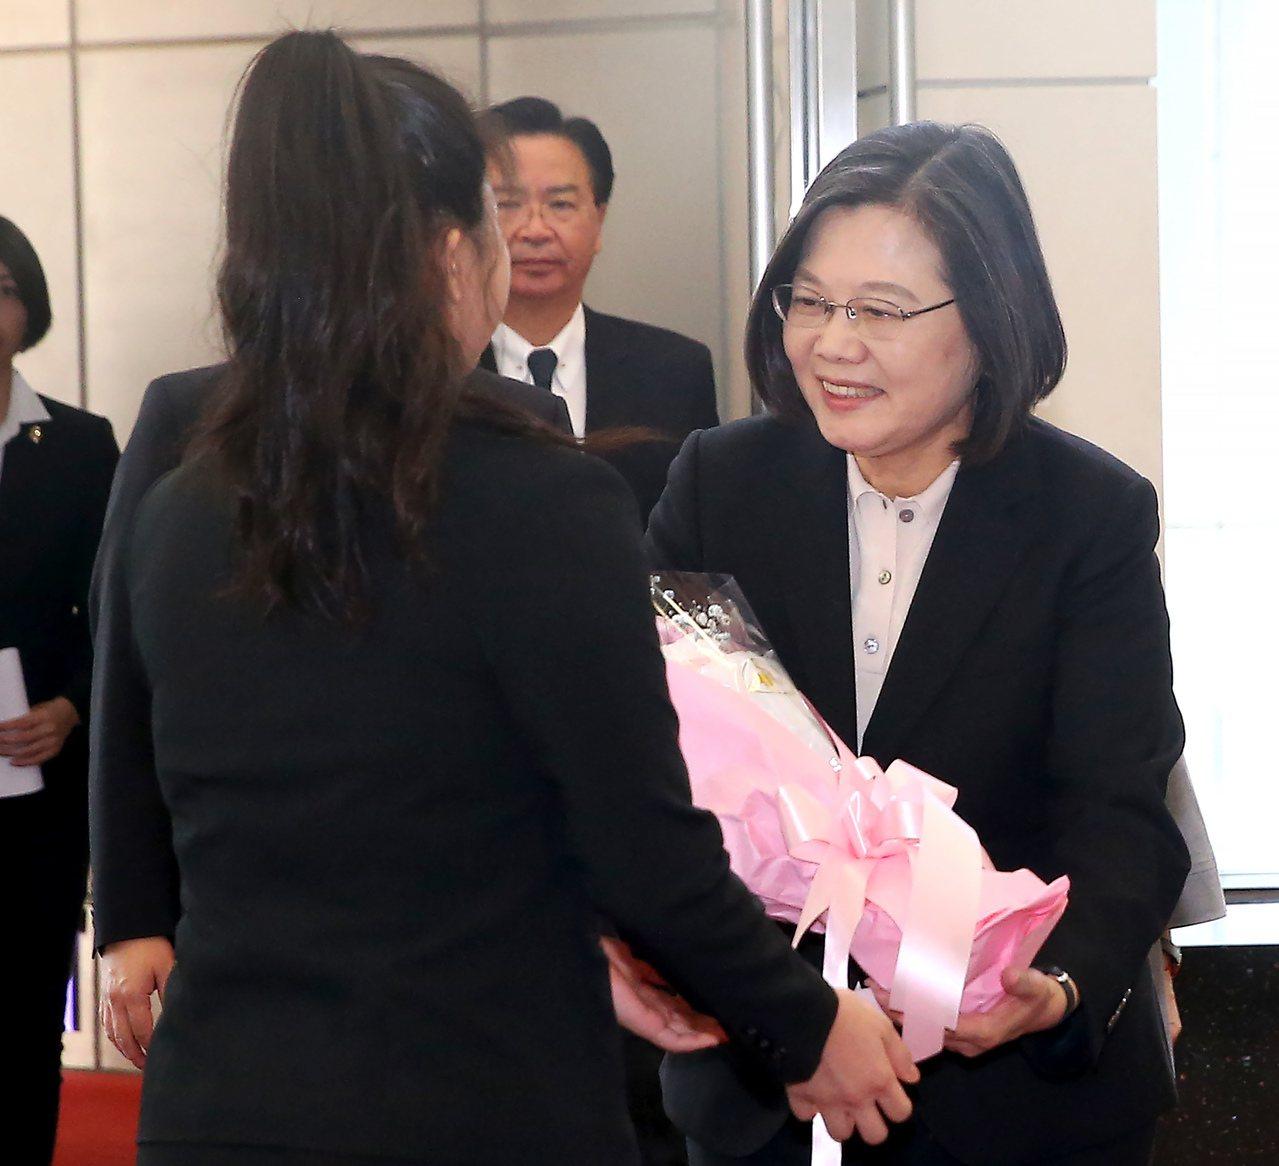 蔡總統出訪返國,新聞焦點就被「團購洋菸」事件給歪樓了。記者陳嘉寧/攝影